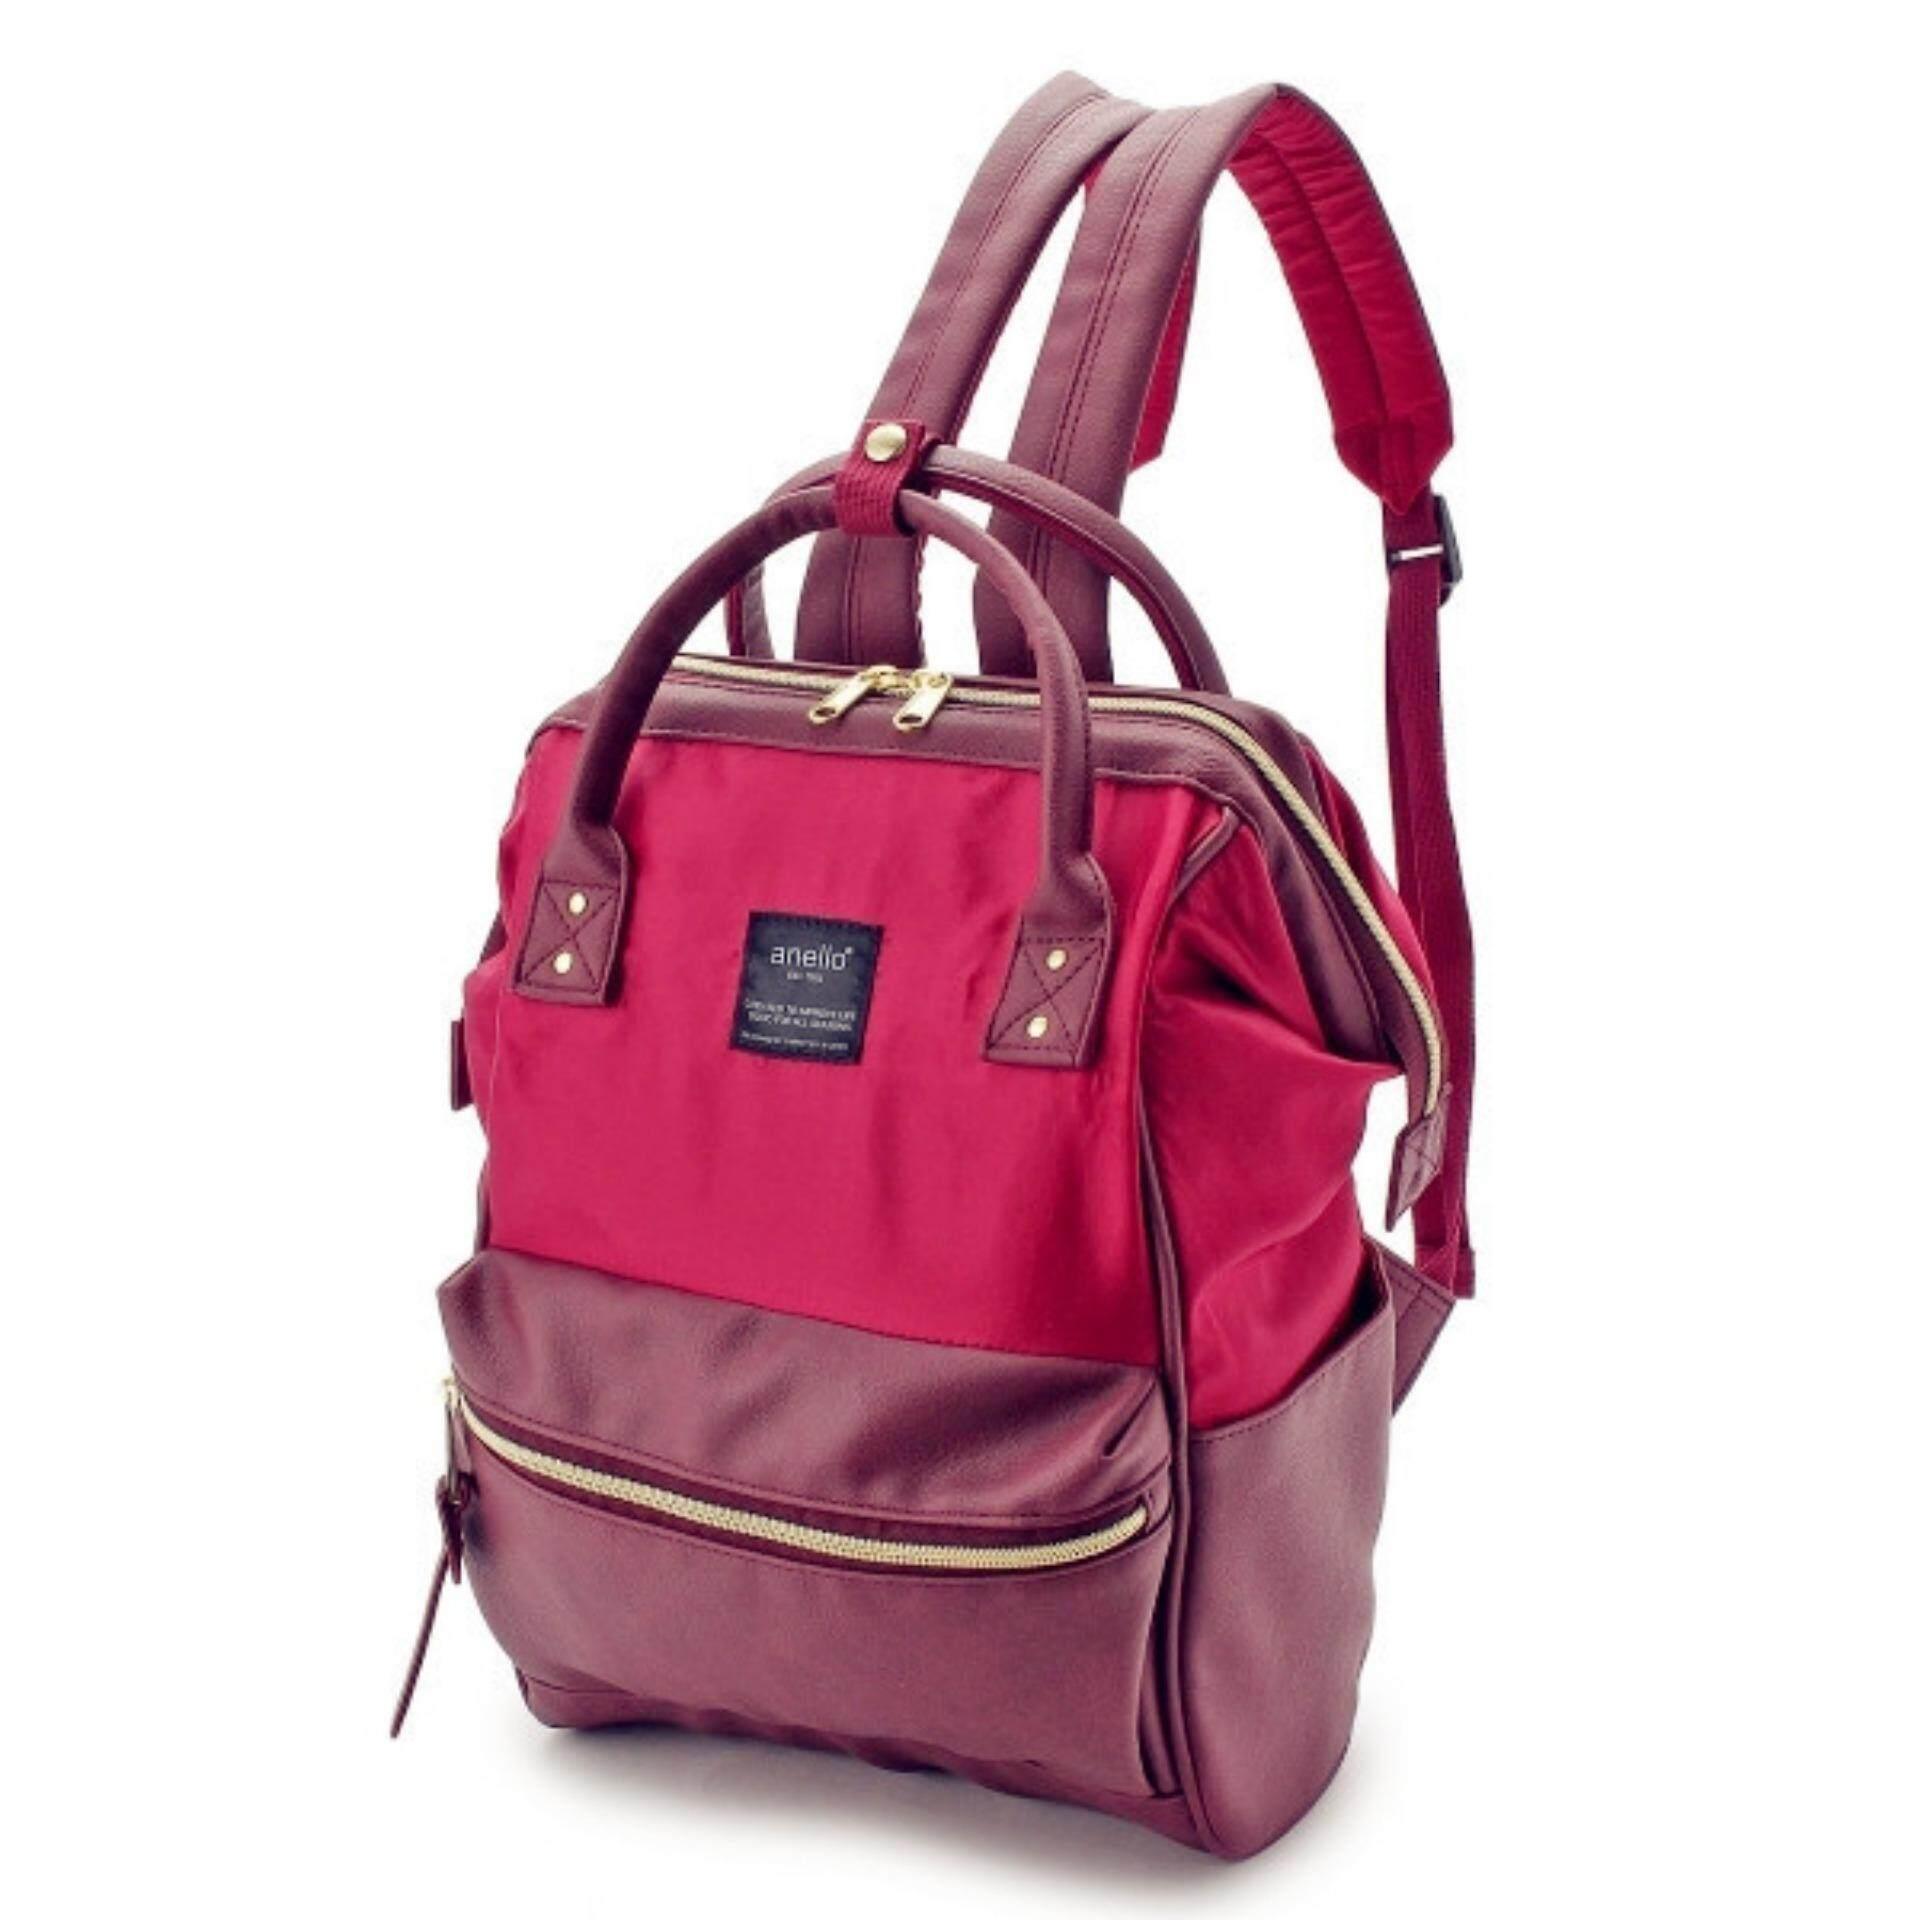 ยี่ห้อนี้ดีไหม  นครปฐม กระเป๋าเป้สะพายหลัง Anello x The Emporium Mini Backpack Limited Edition (Wine)